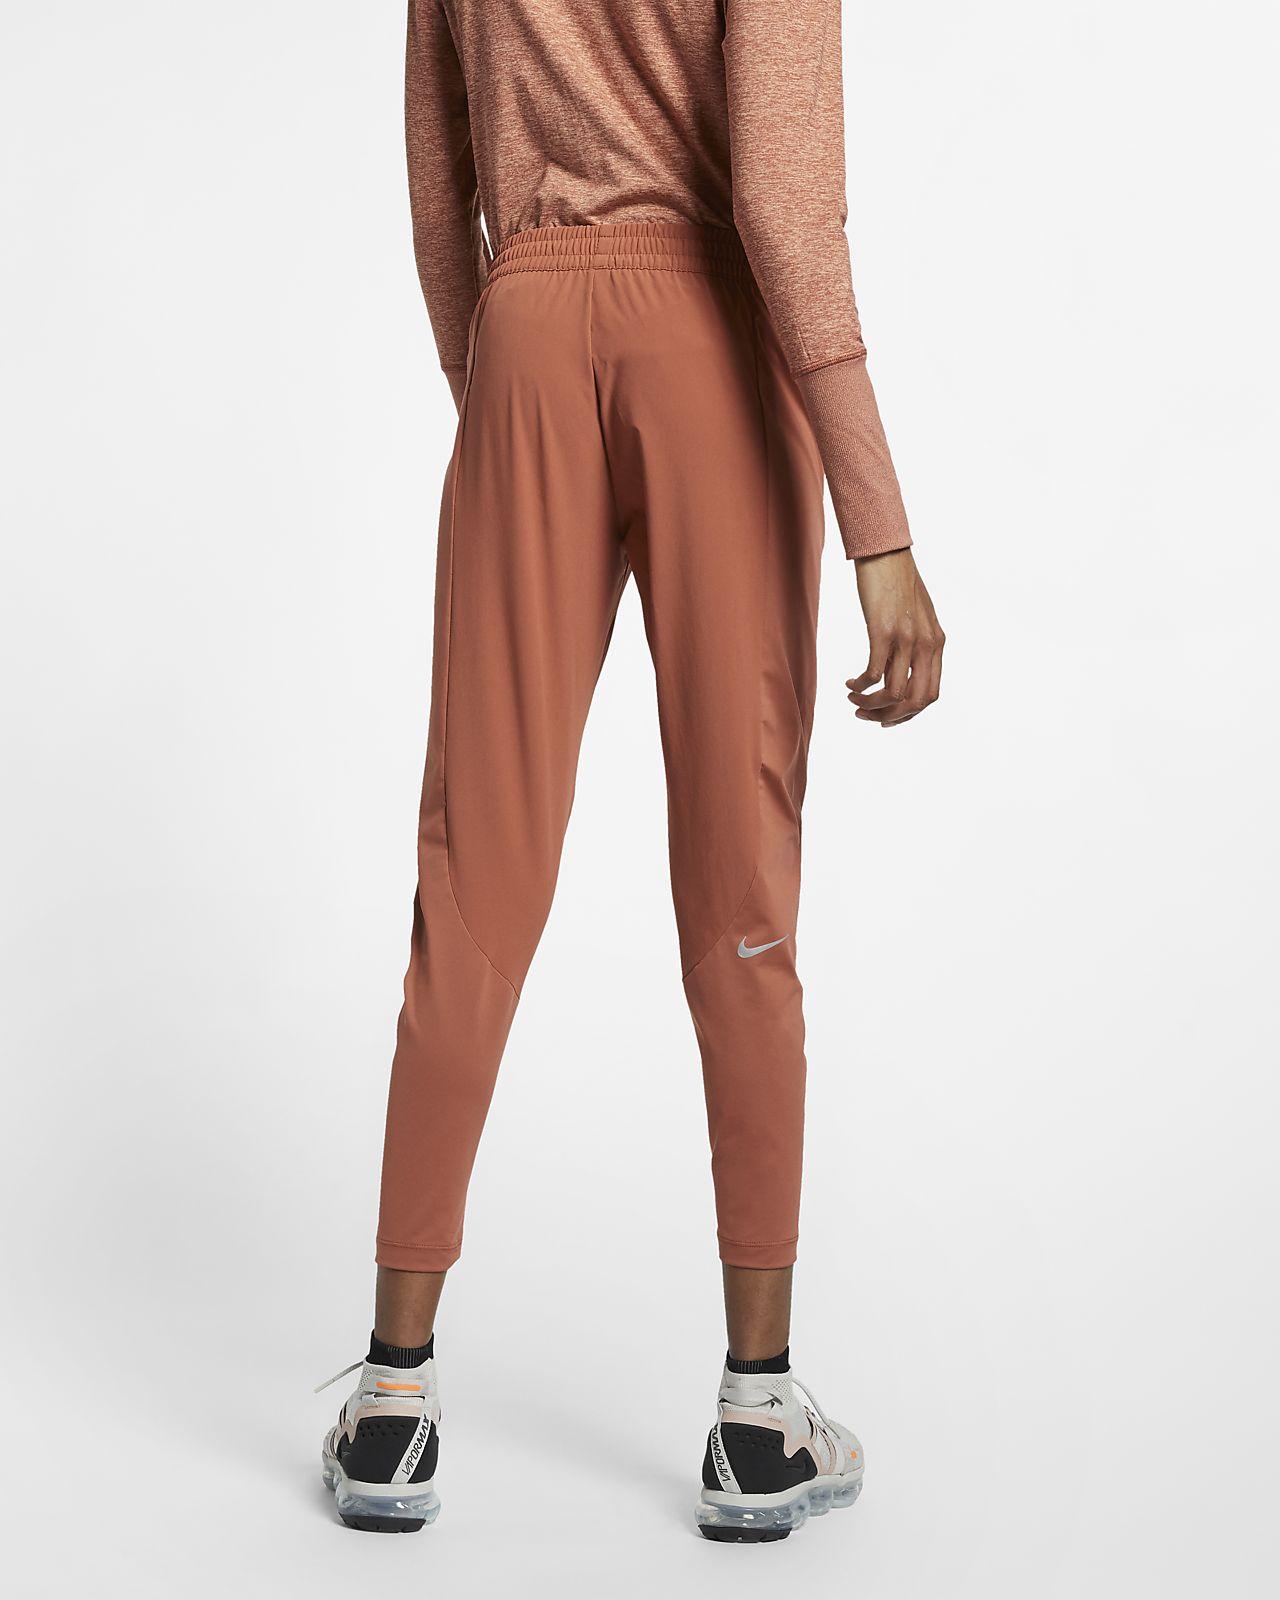 the latest 85adb e7861 ... Pantalon de running Nike Swift pour Femme